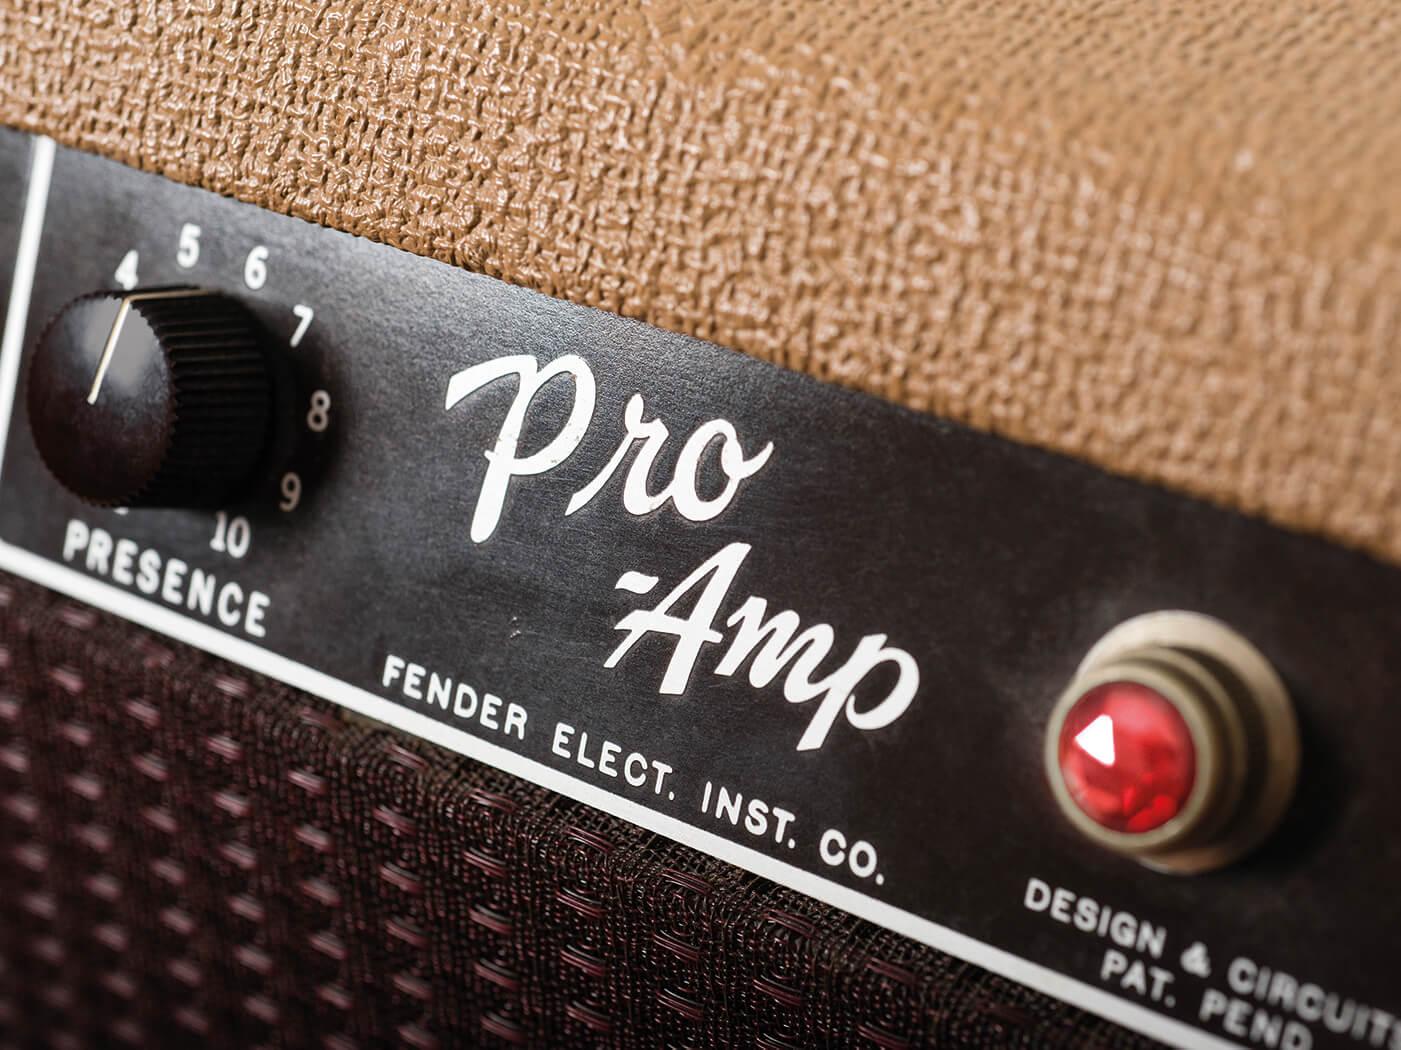 1961 Fender Pro Amp model name